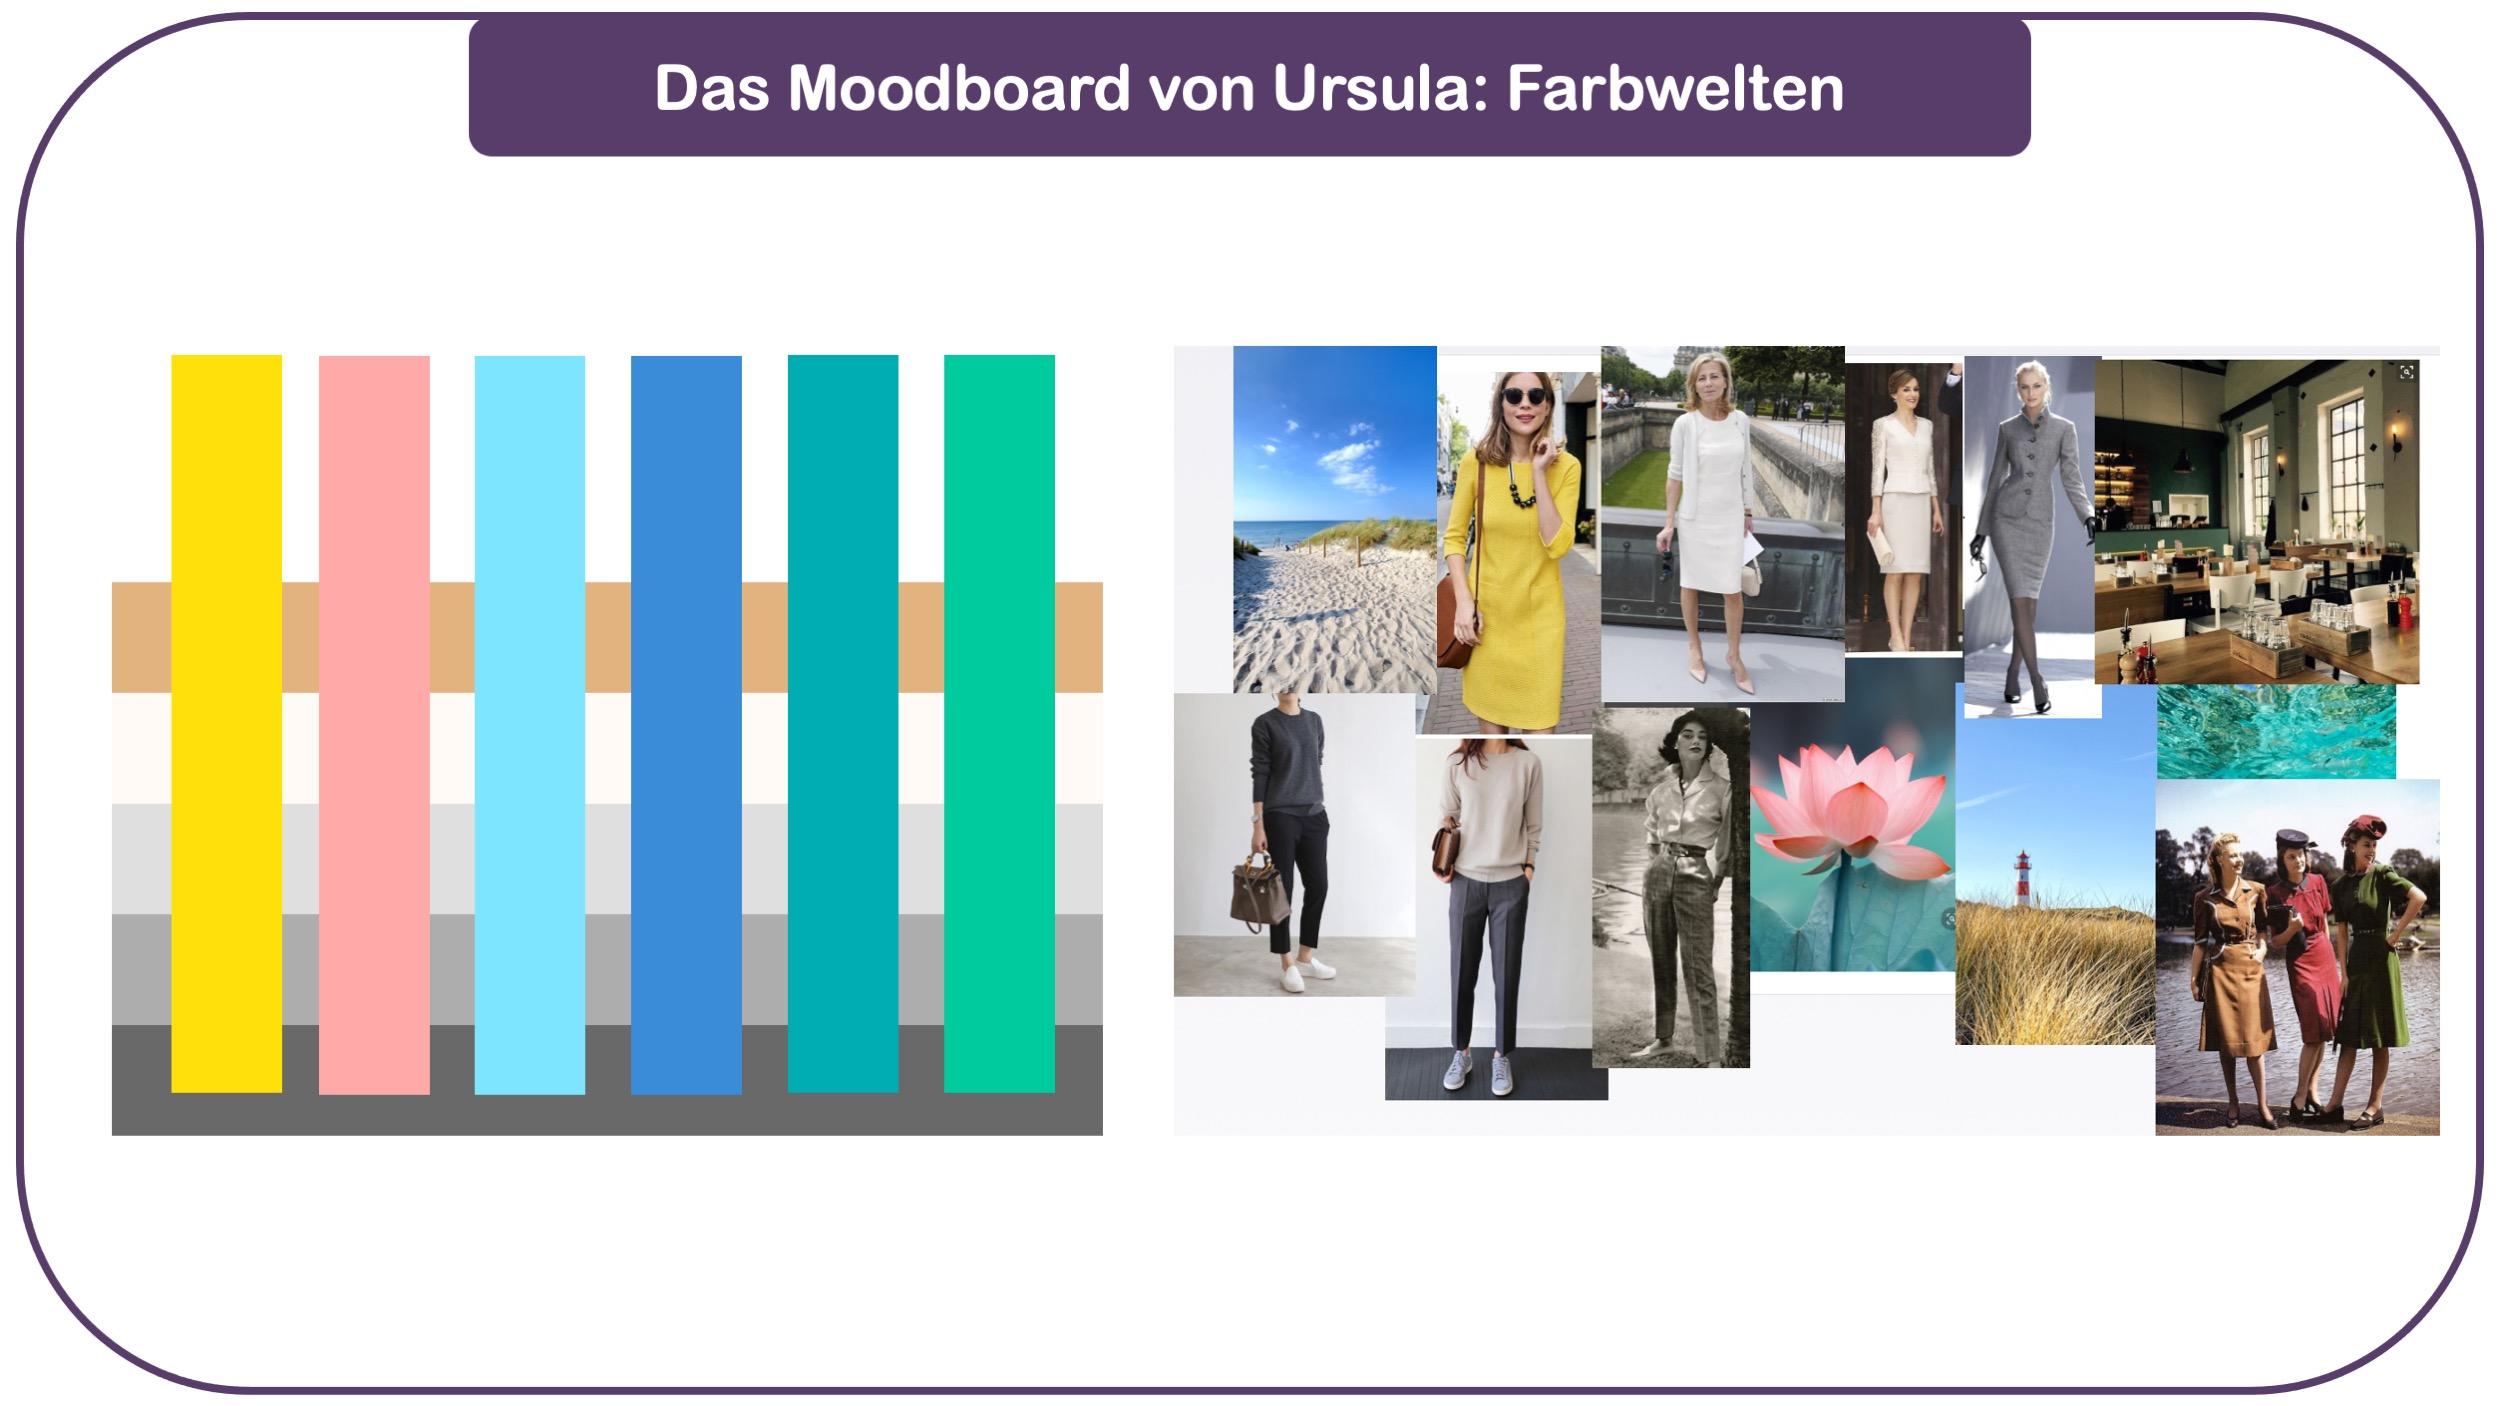 Fashion-Moodboard von Ursula mit farbenwelt